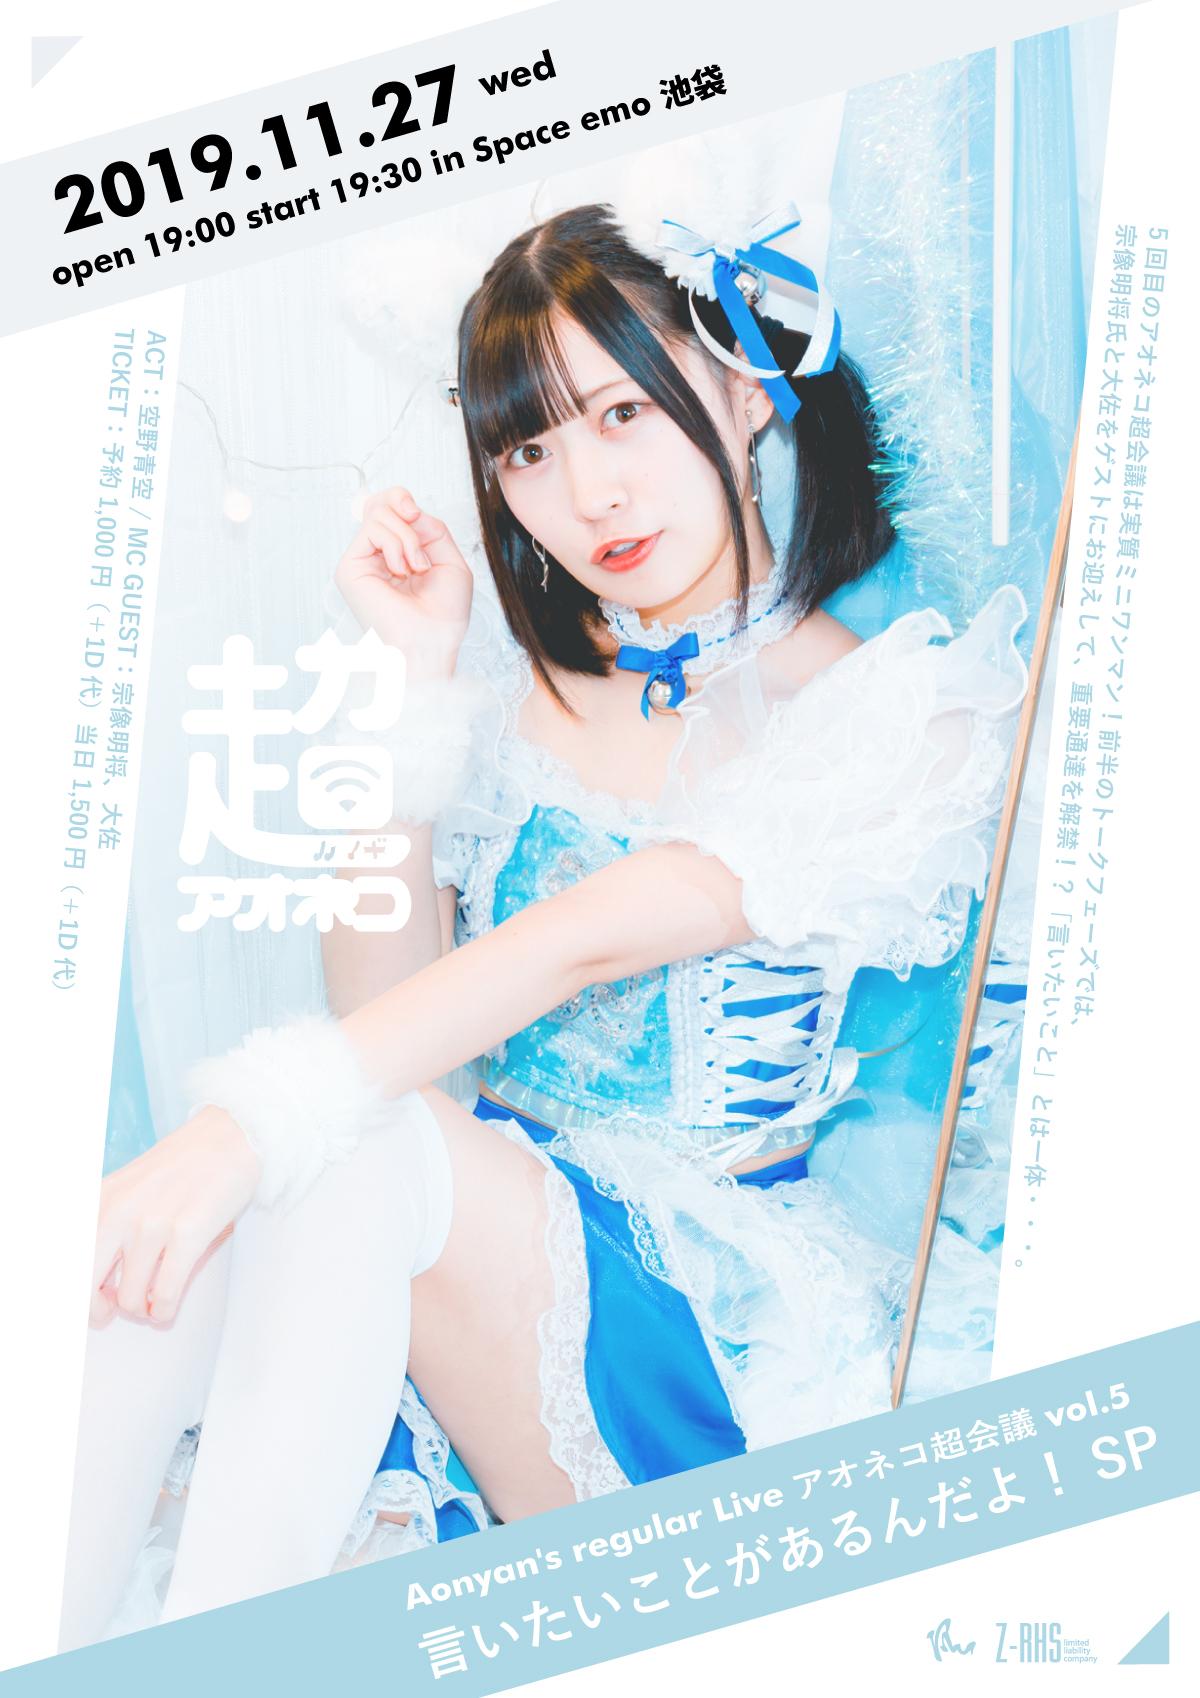 【前売チケット専用】『Aonyan's regular Live「#アオネコ超会議」vol.5 ~言いたいことがあるんだよ!SP~』